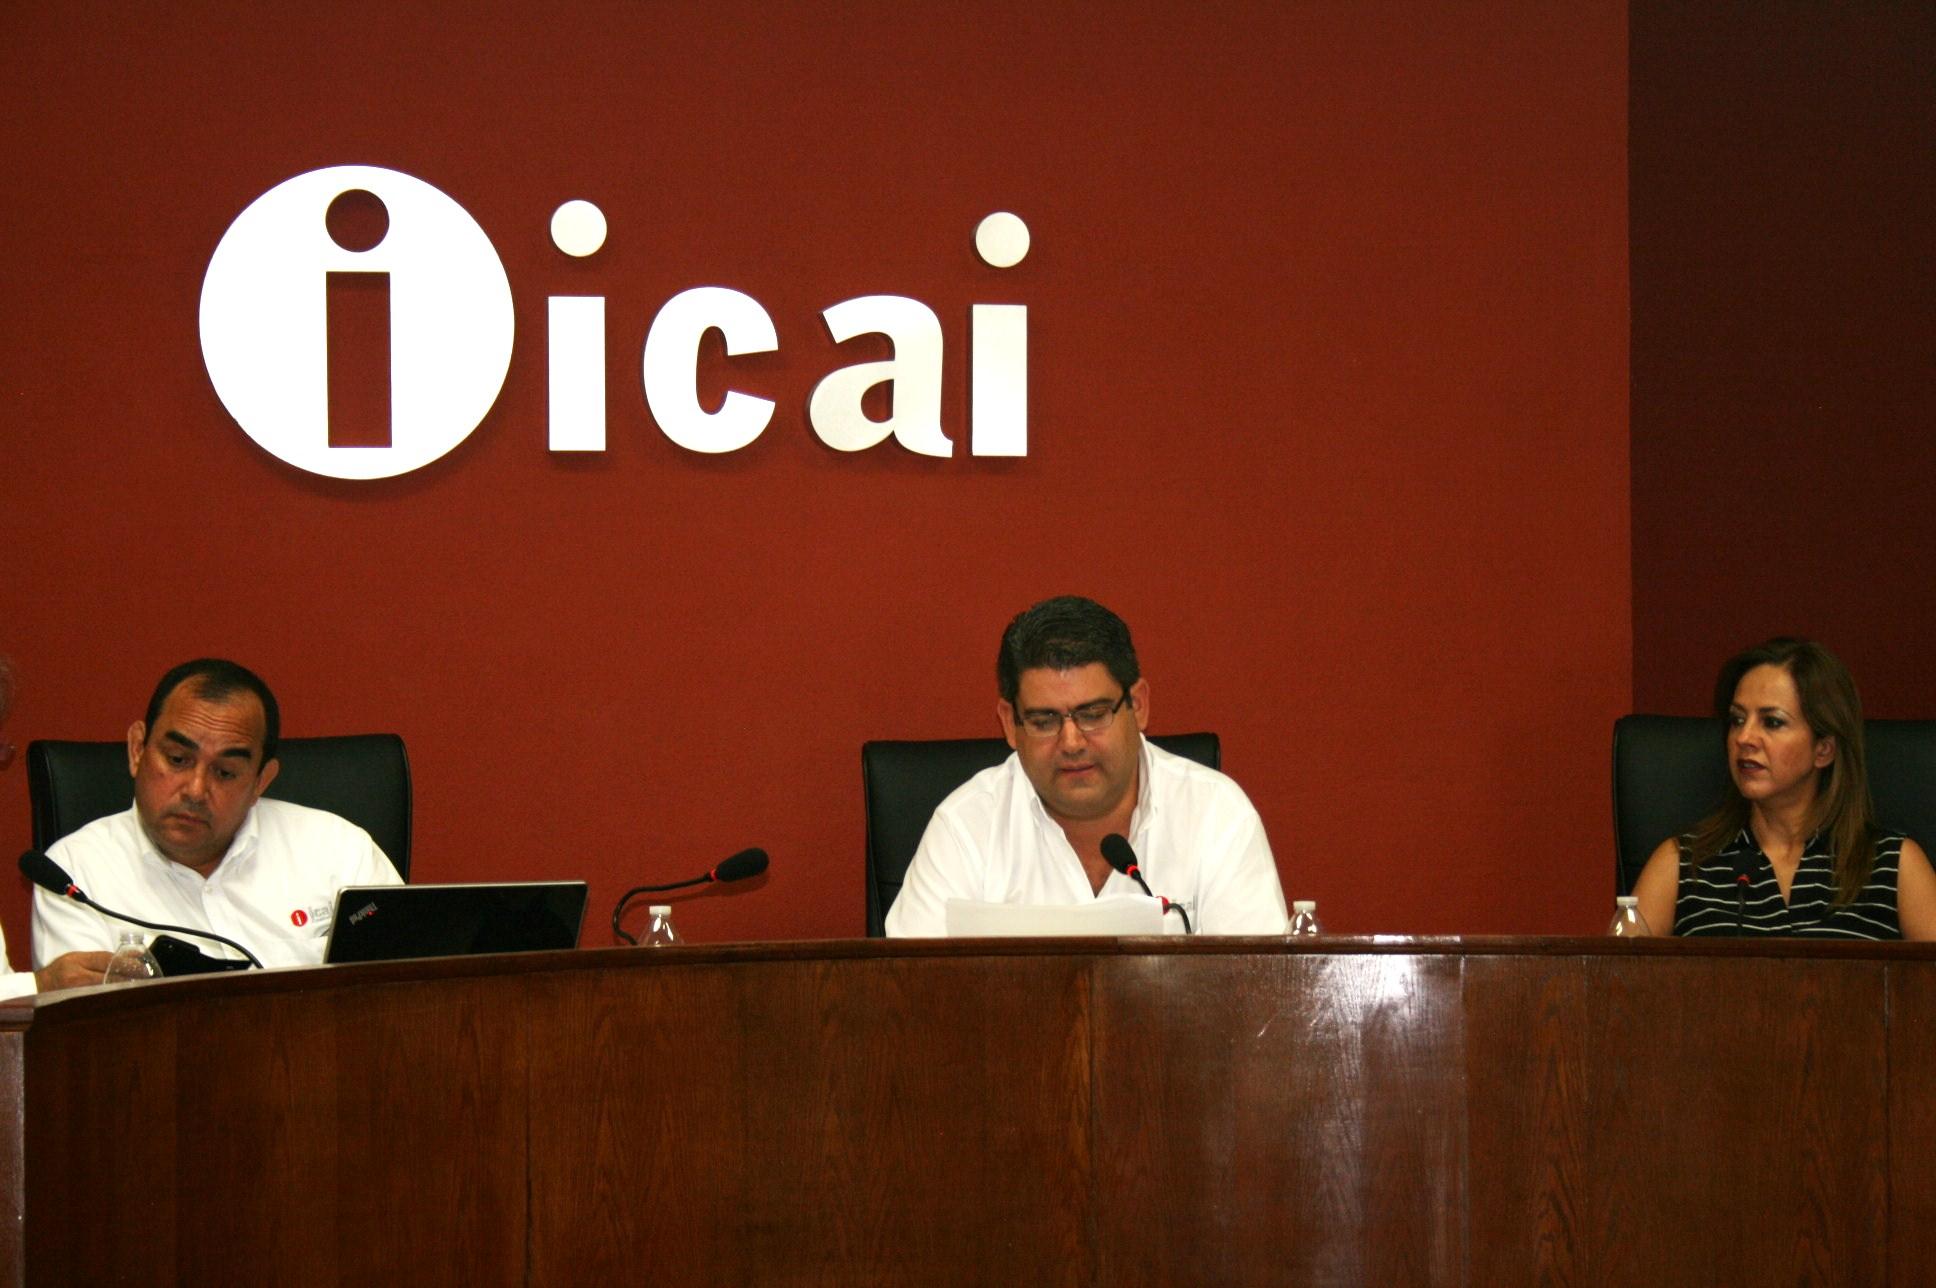 Elegirá Congreso a Consejeros del ICAI